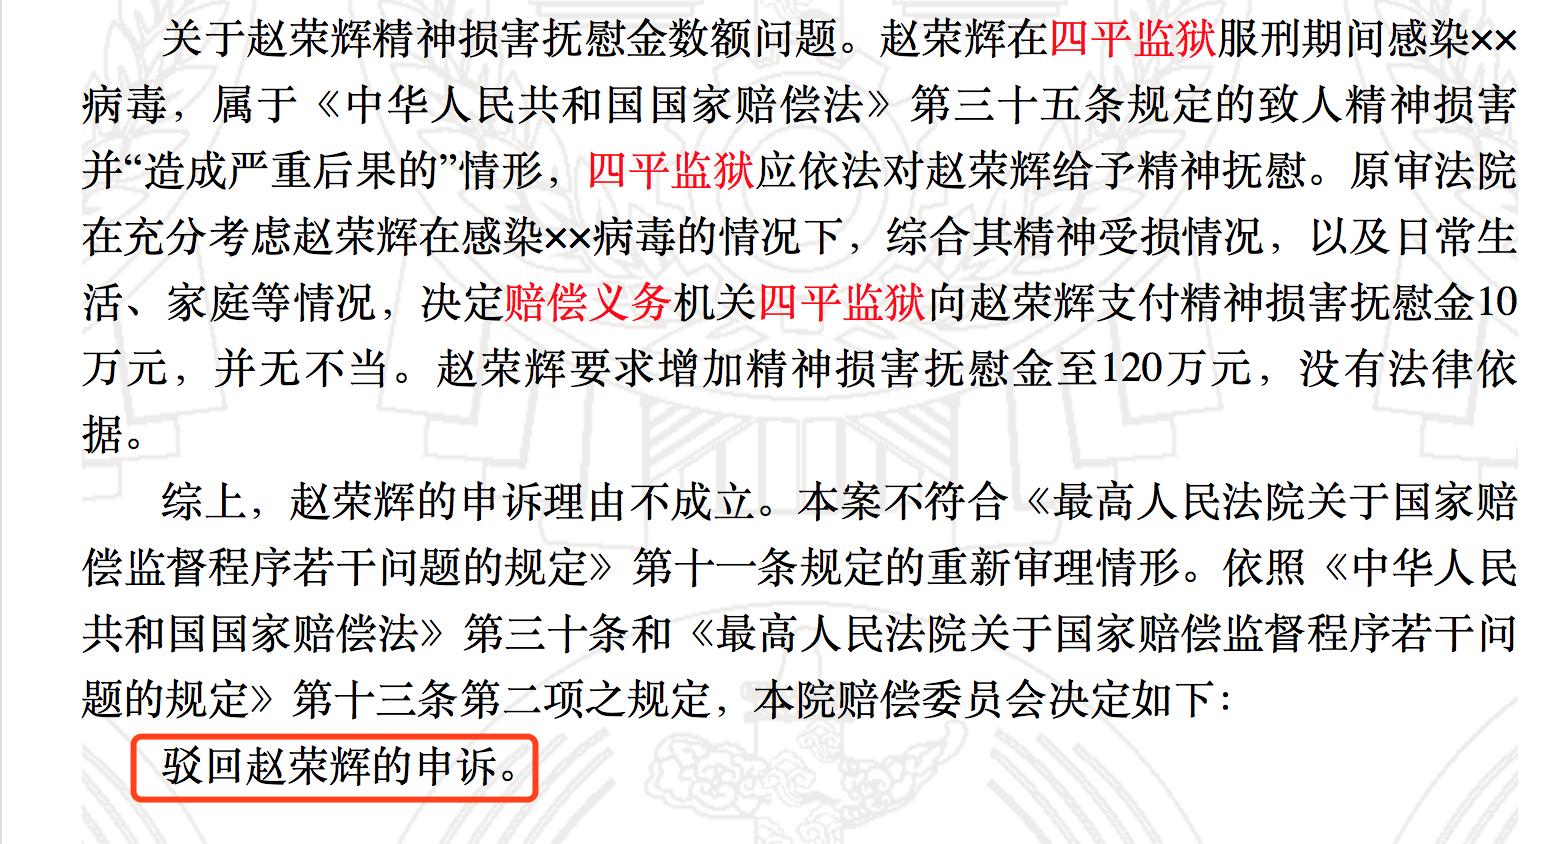 """最高法院认定四平监狱给予赵荣辉10万元精神抚慰金""""并无不当"""",驳回赵荣辉的申诉。 中国裁判文书网截图"""